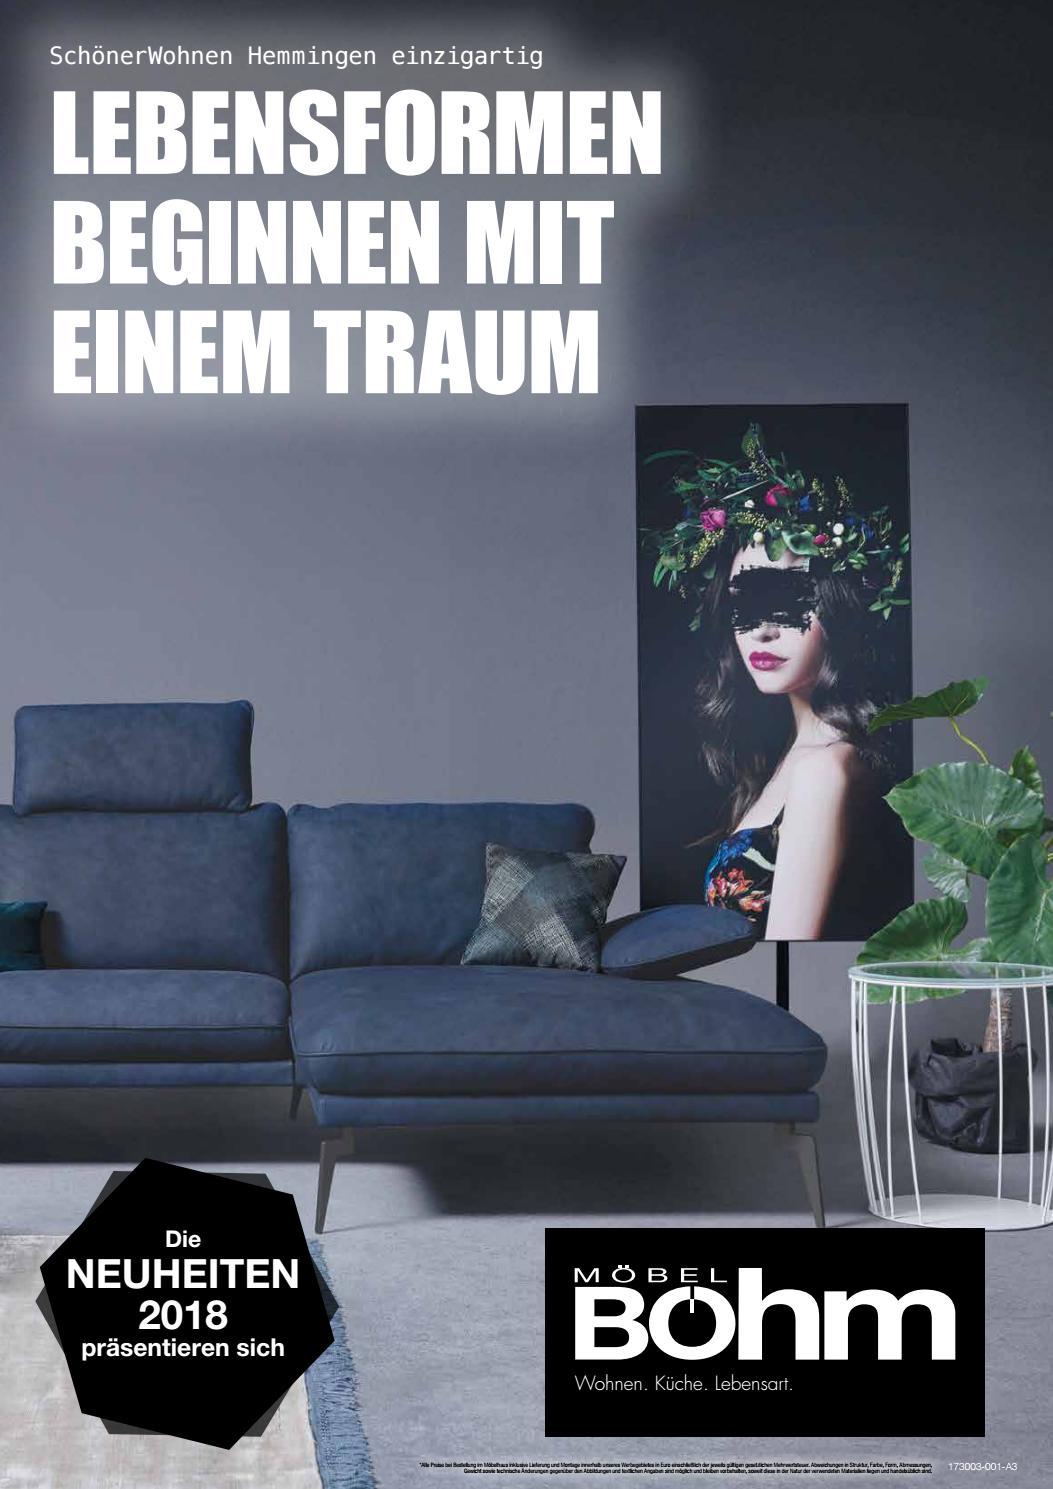 Möbel Böhm - Neuheiten 2018 by Perspektive Werbeagentur - issuu